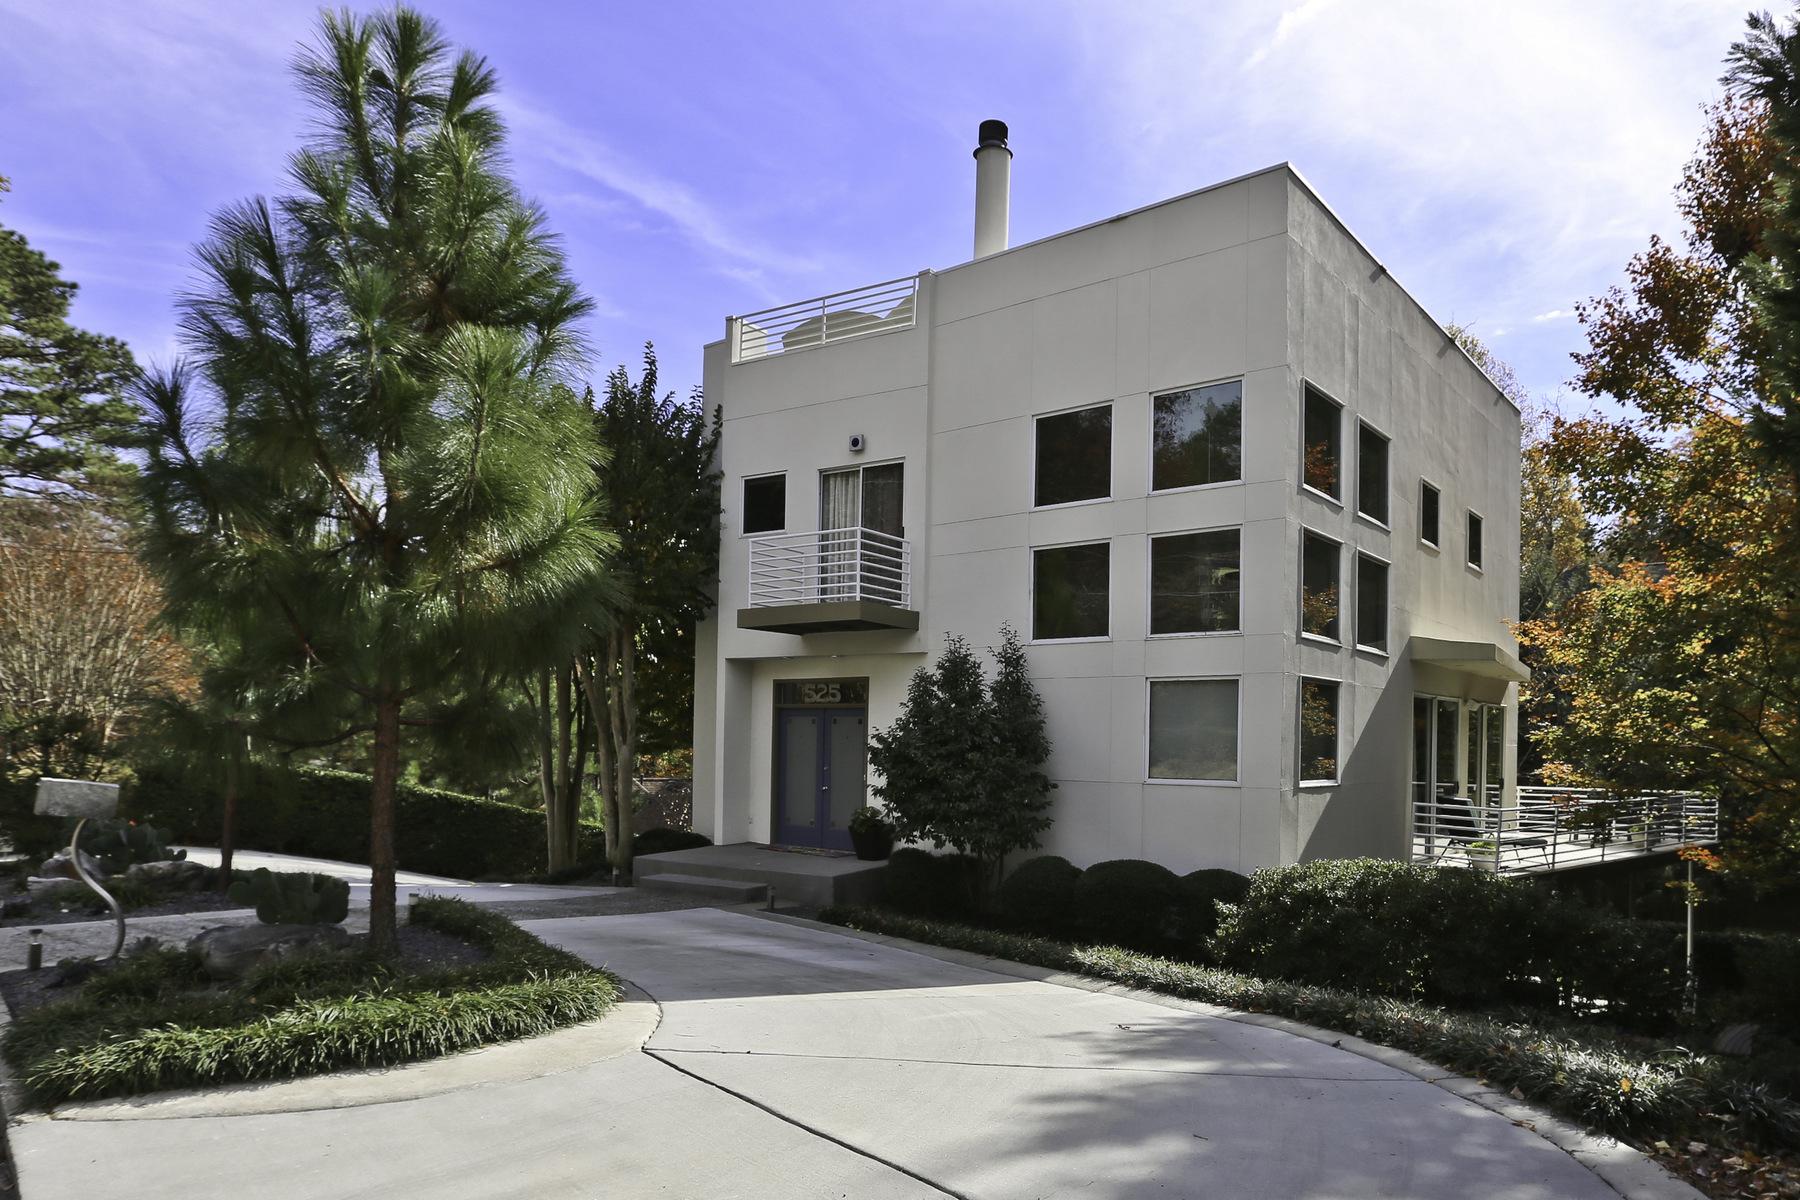 Tek Ailelik Ev için Satış at Modern in Buckhead by Franz Schneider 525 Danube Road NE North Buckhead, Atlanta, Georgia, 30342 Amerika Birleşik Devletleri